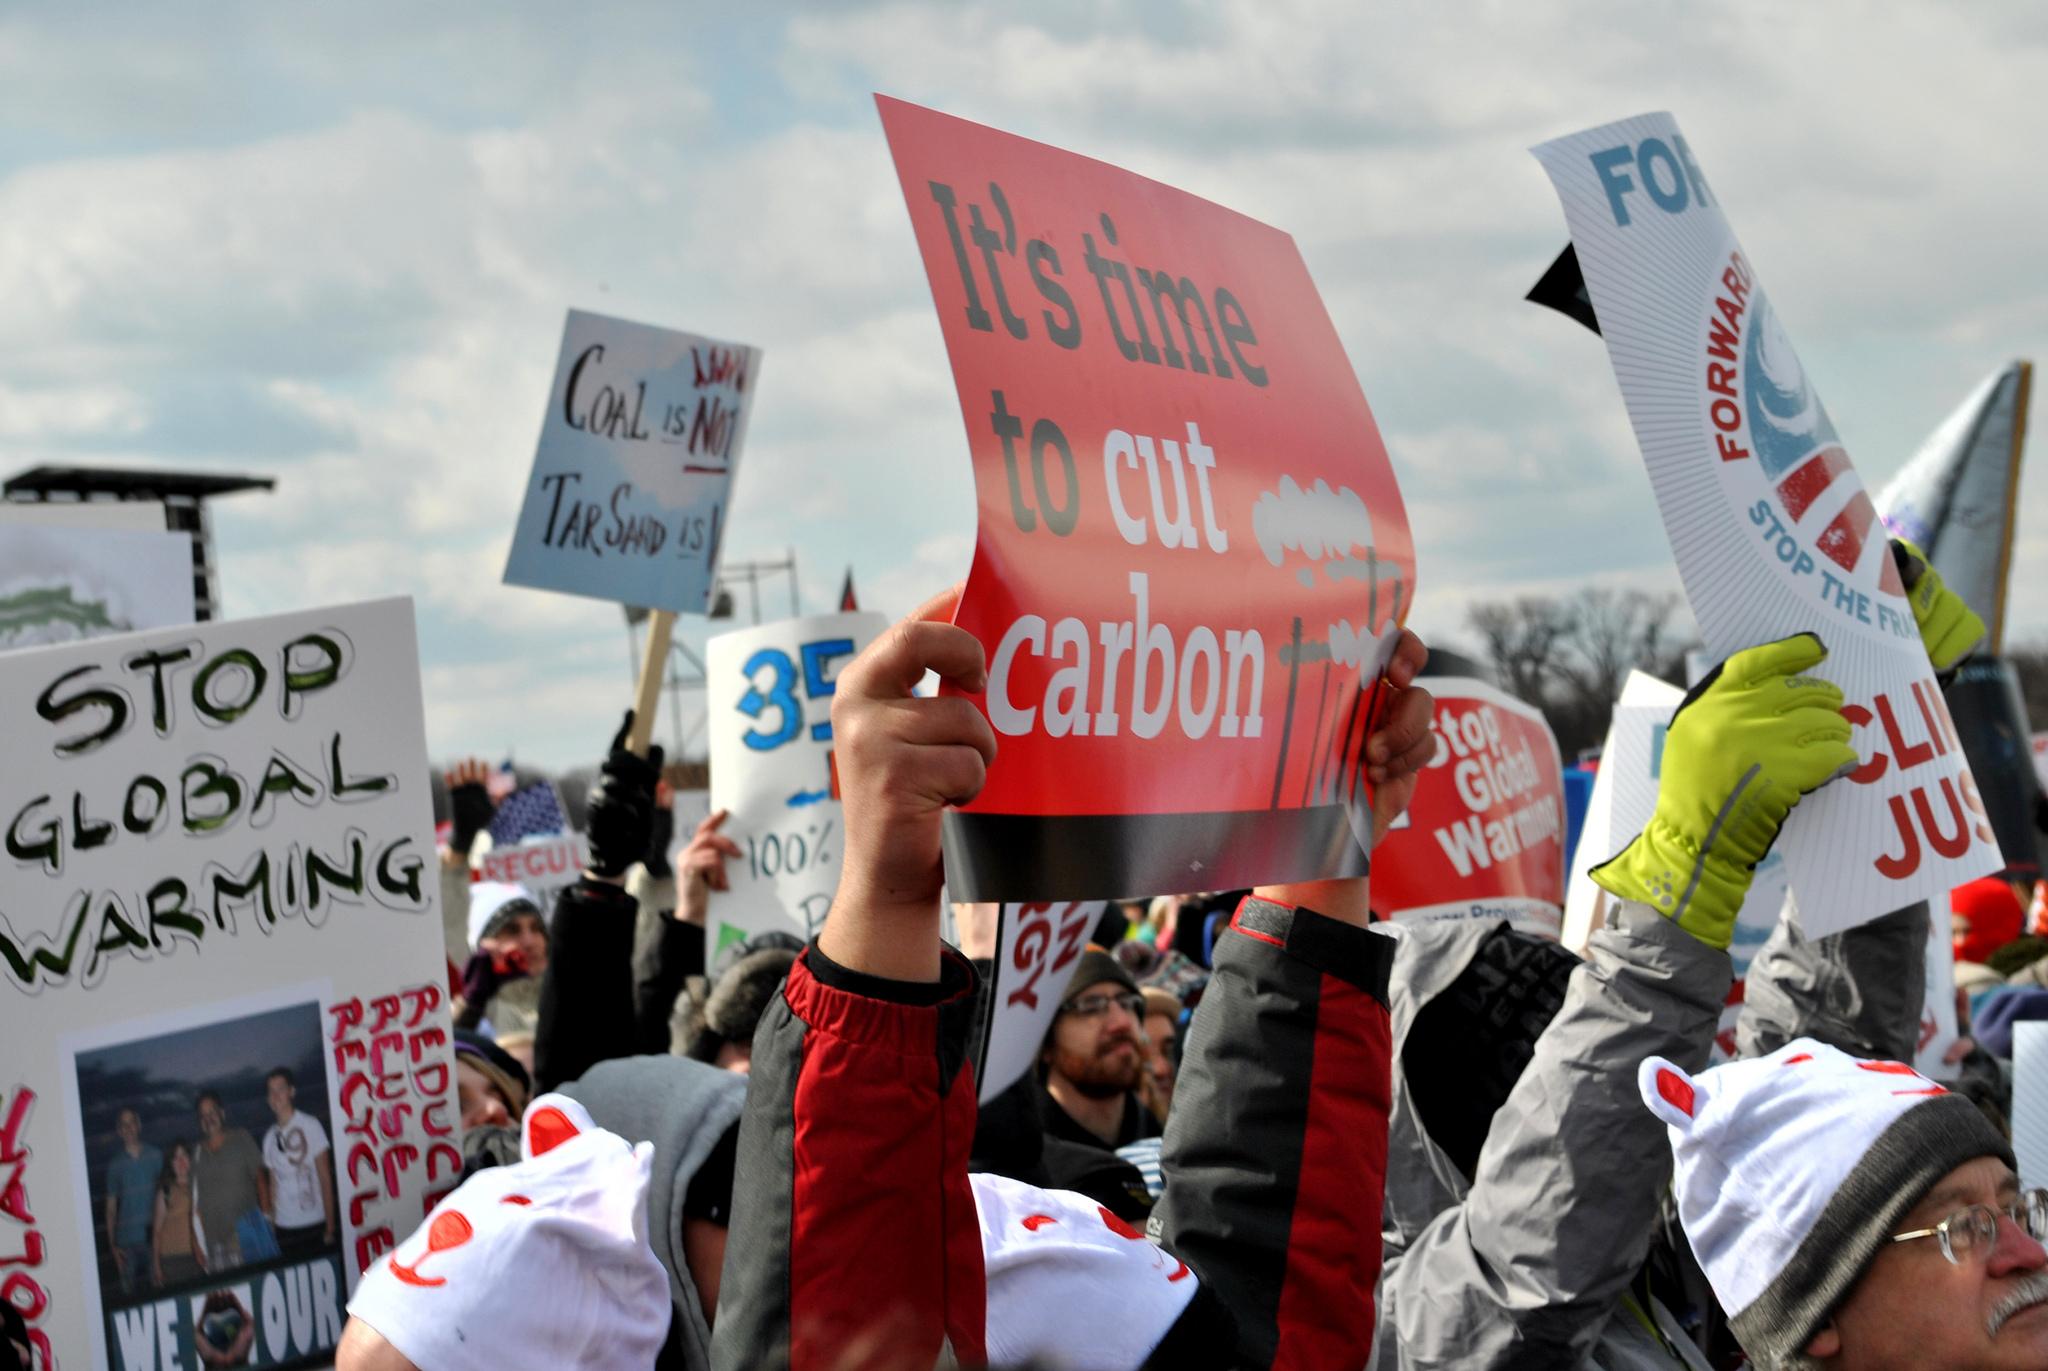 time-cut-carbon-sign